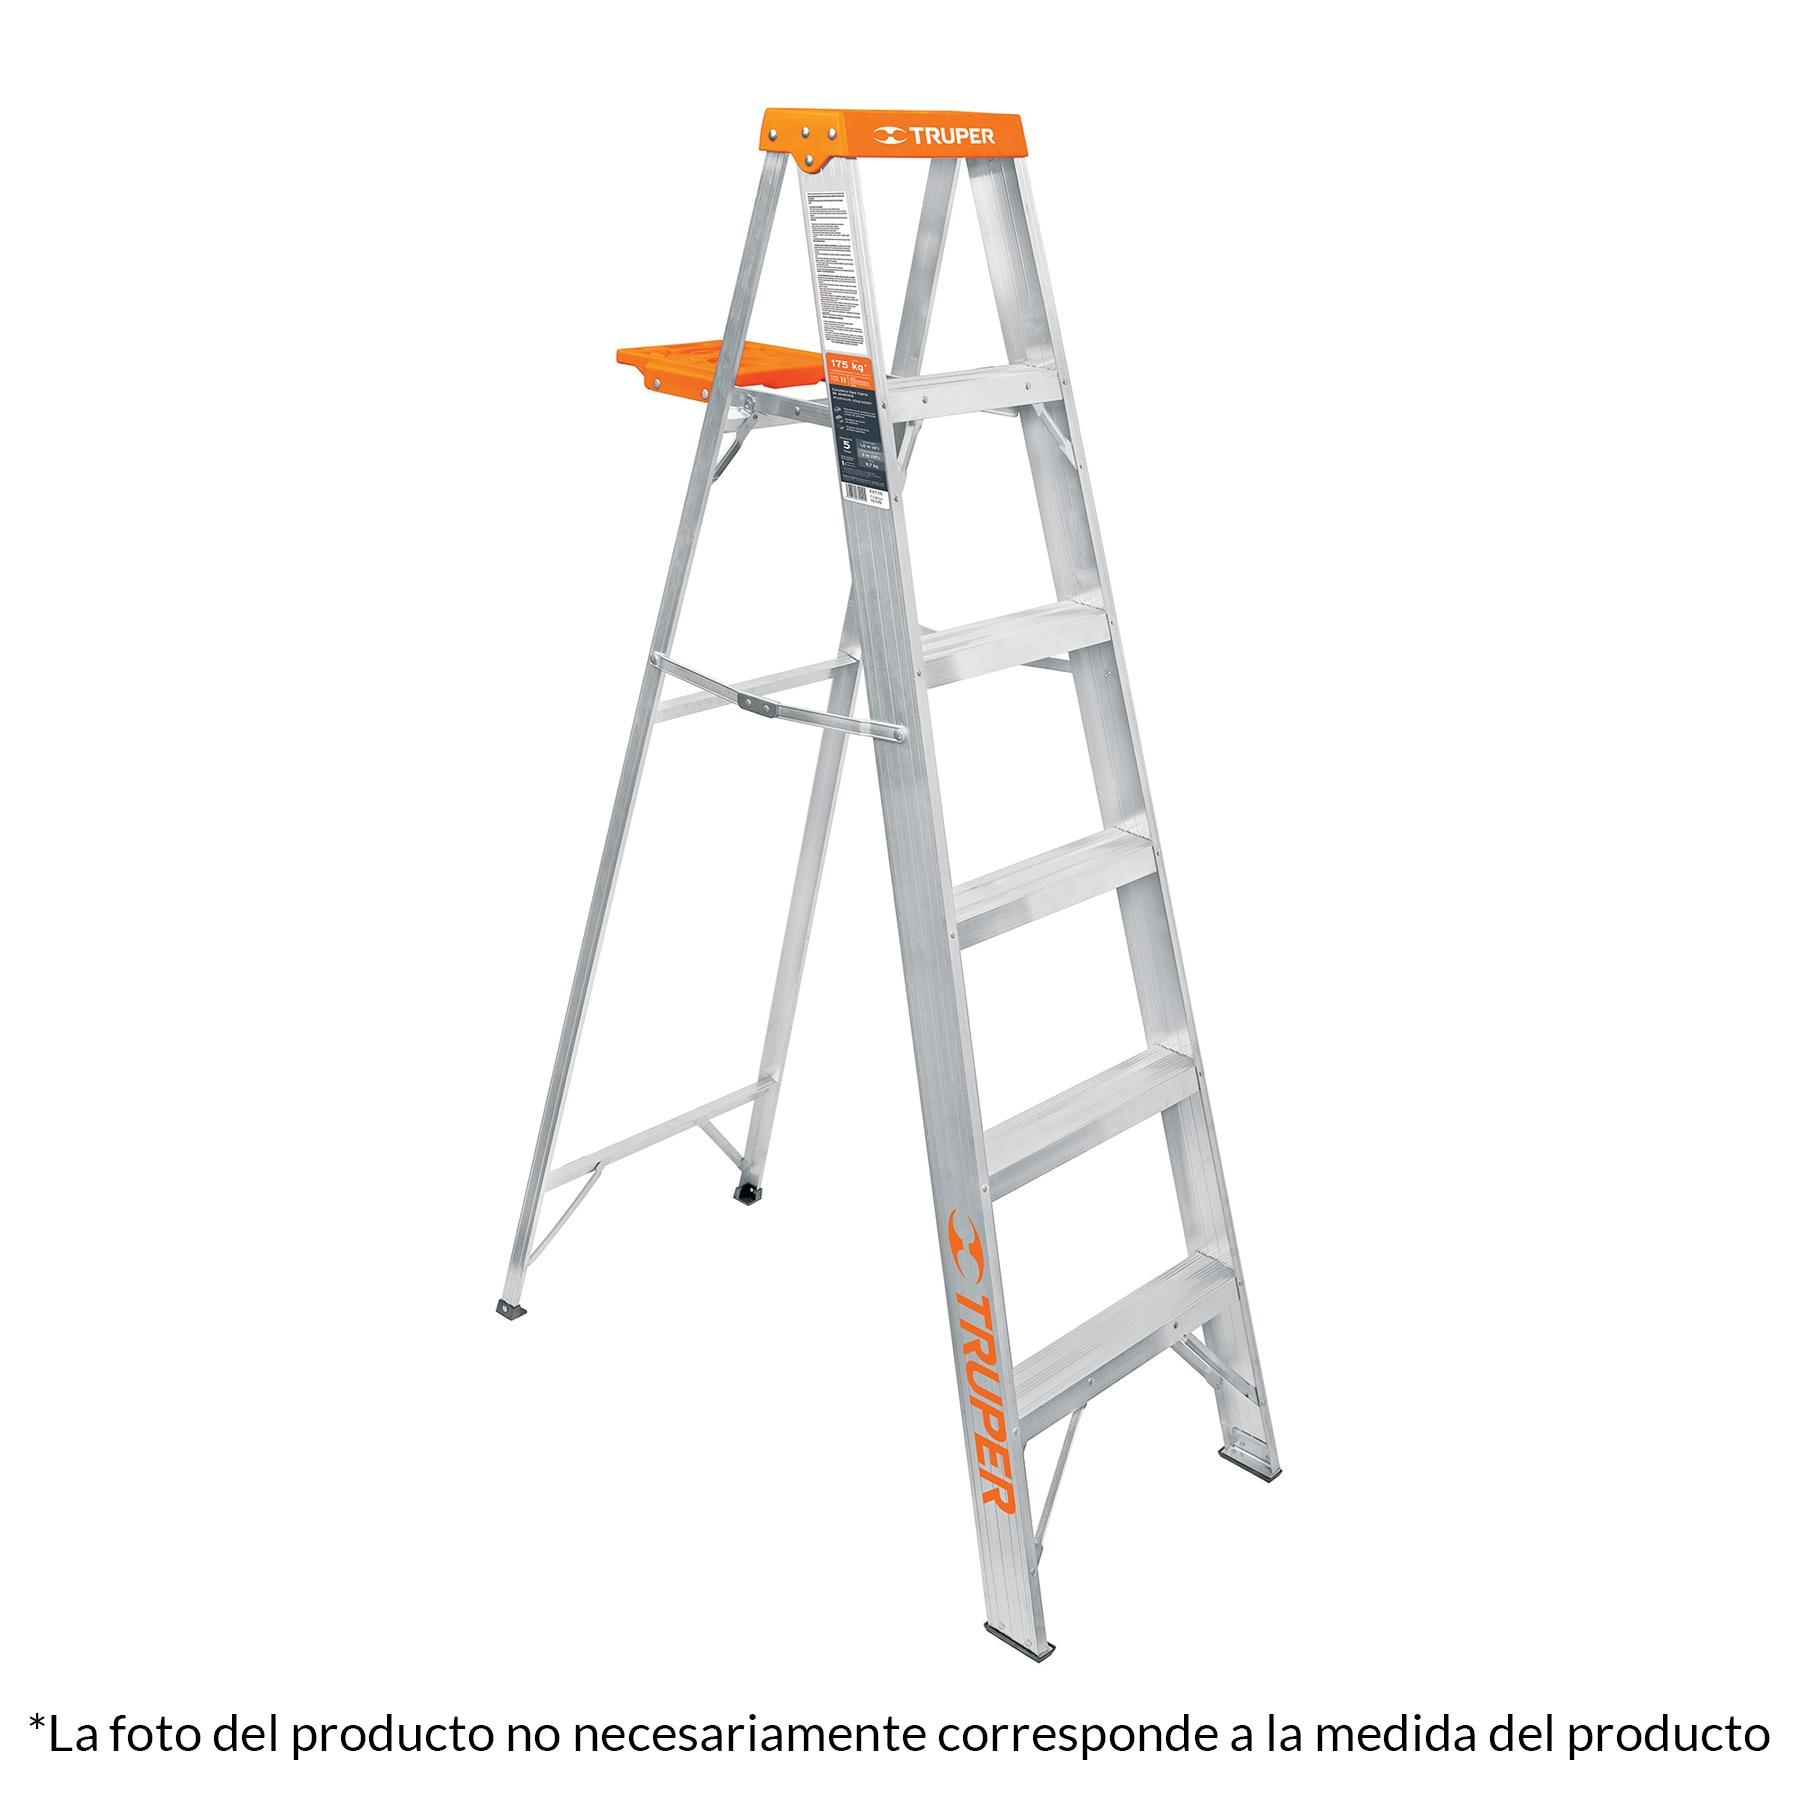 Escalera de tijera, tipo ll, 8 escalones y bandeja